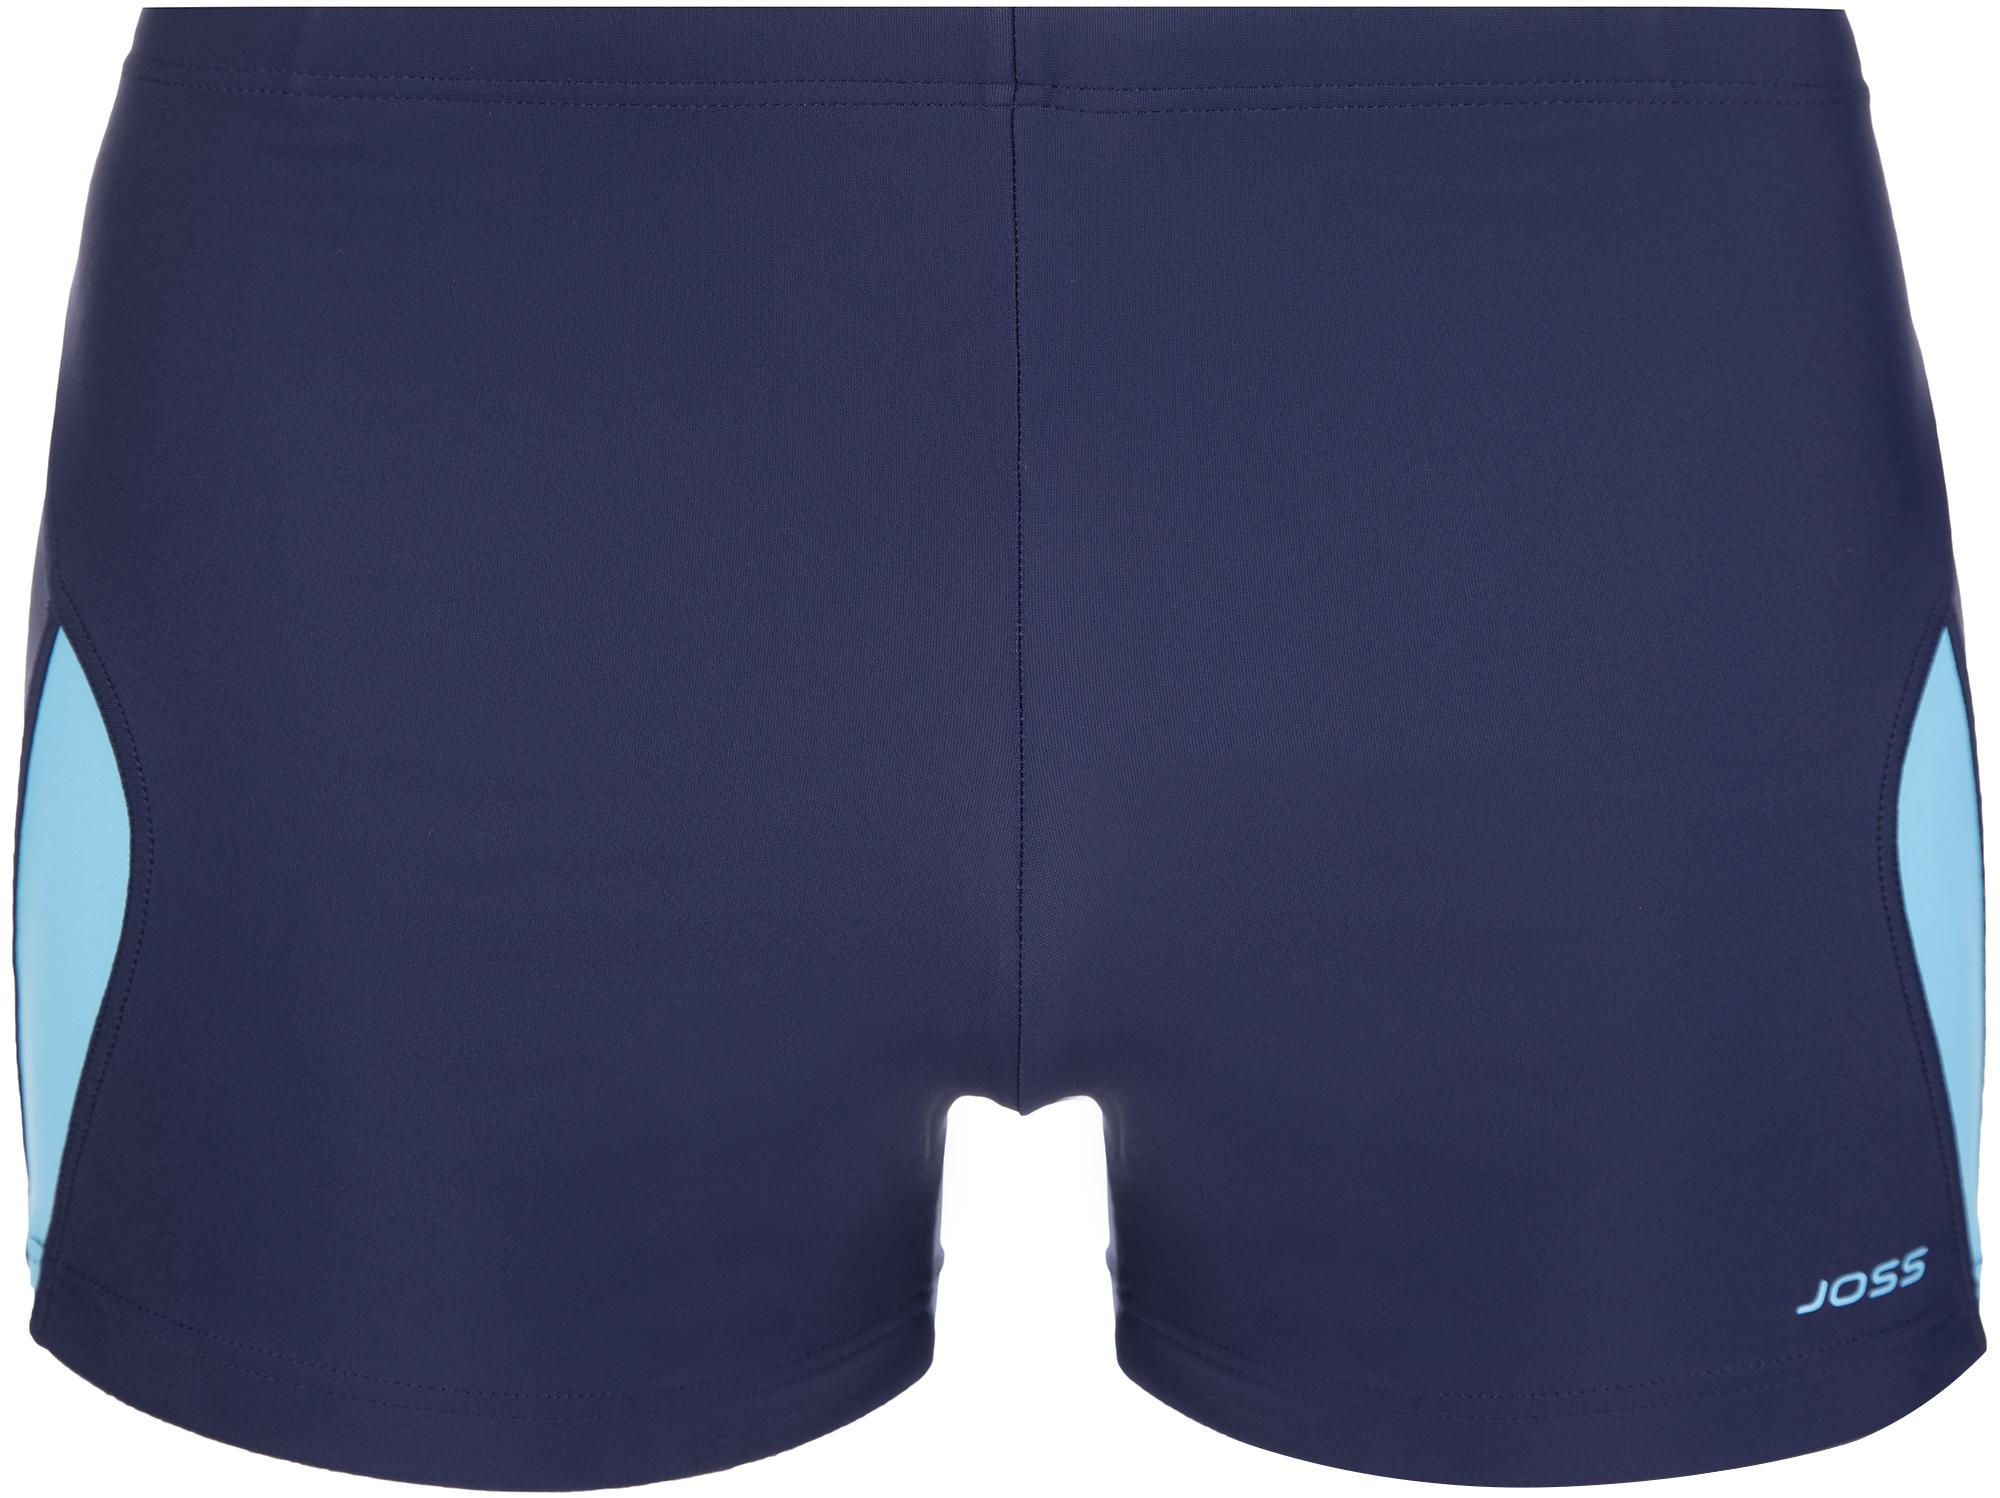 Joss Плавки-шорты мужские Joss, размер 56